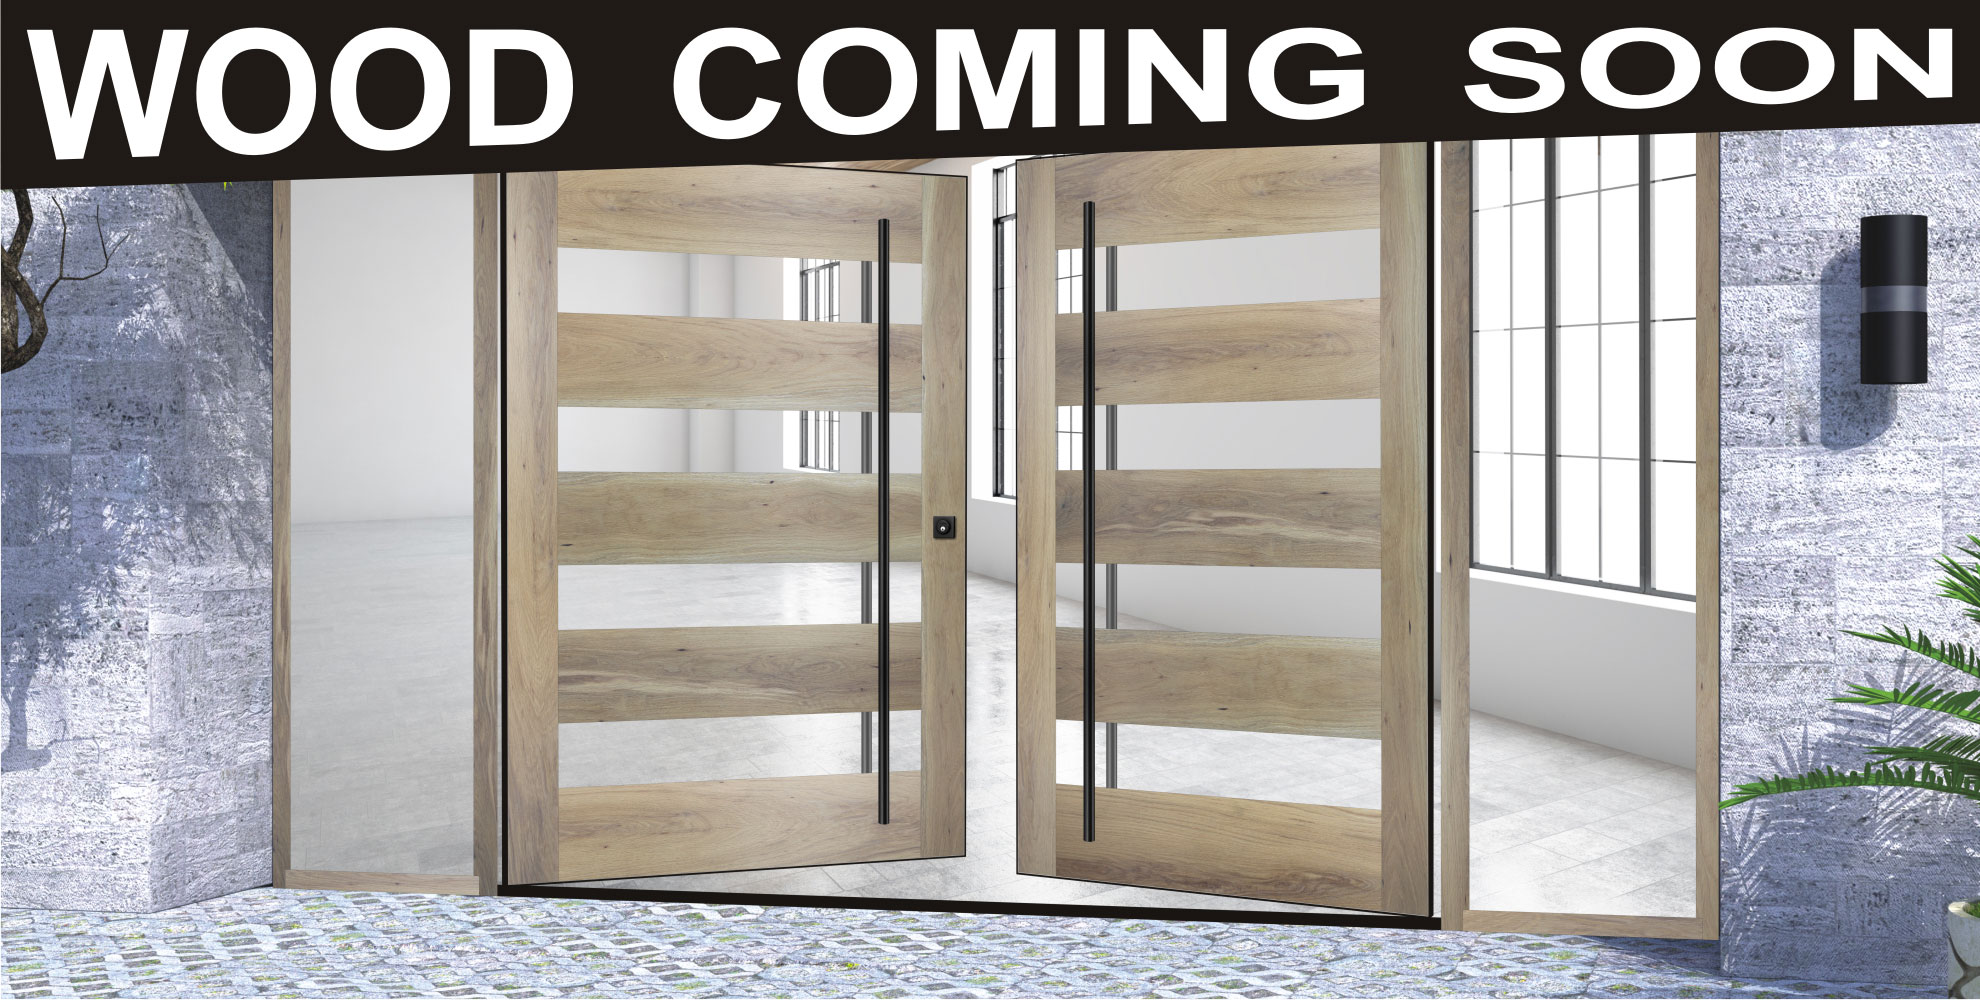 Modern Steel Doors | Custom Pivot Doors, Gl Doors, Metal ... on insulated outside doors, insulated house doors, insulated patio door curtains,